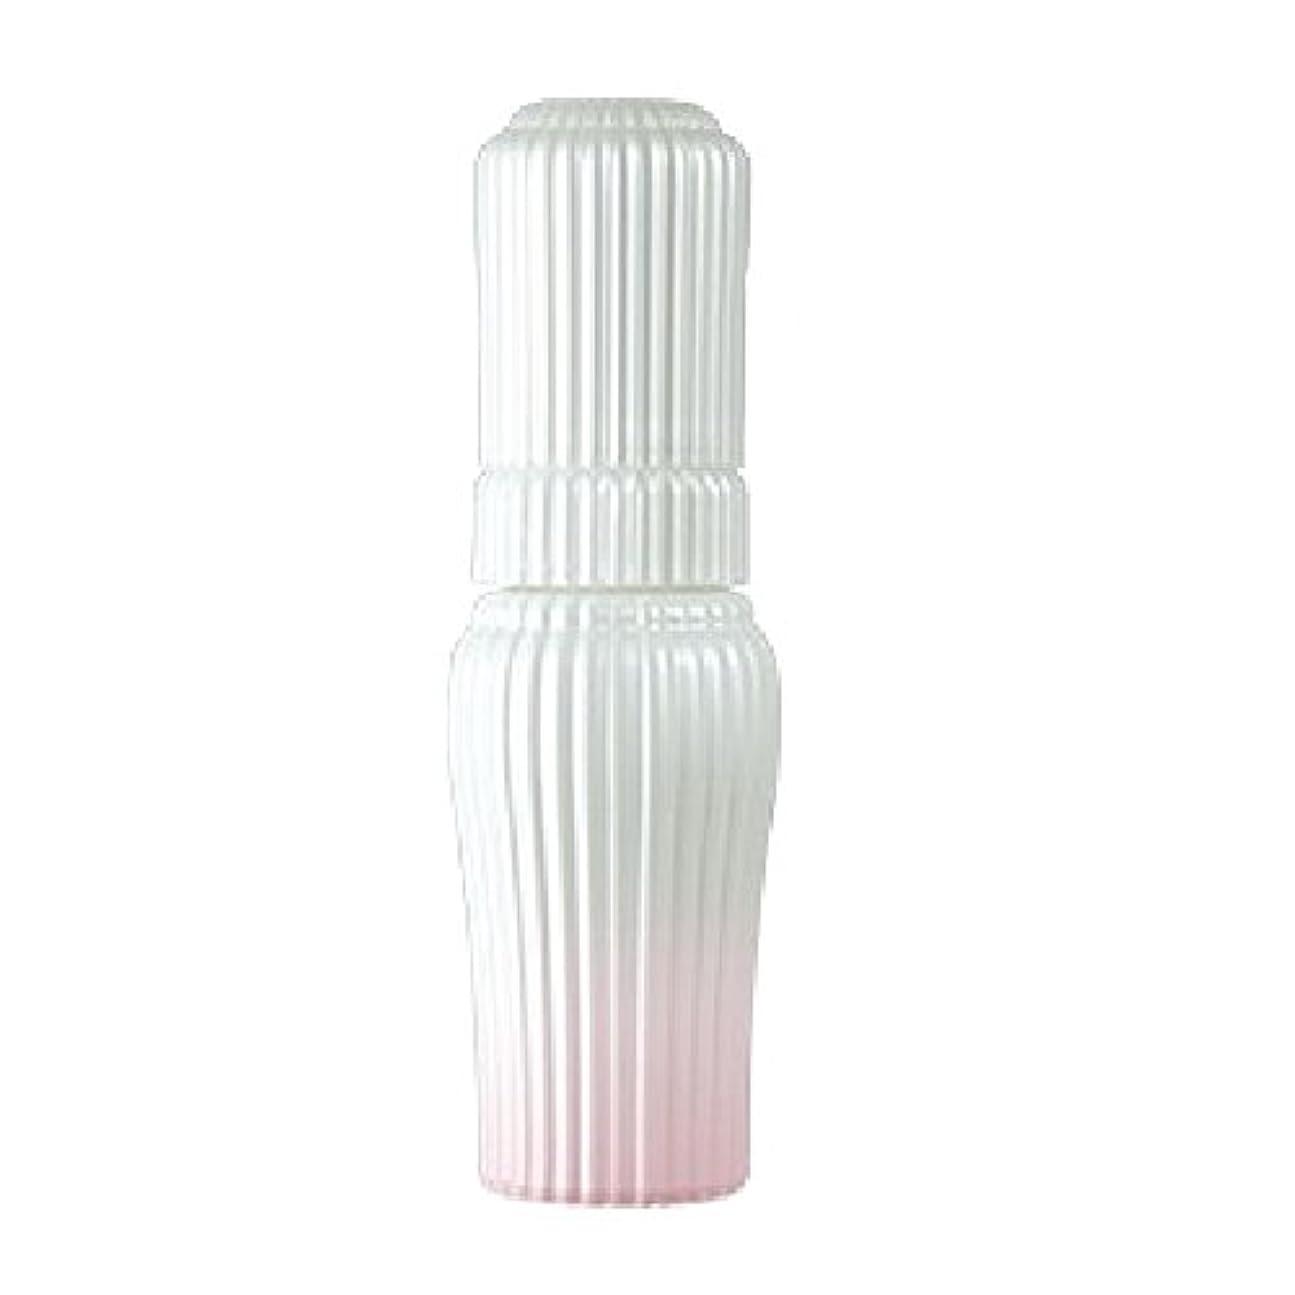 偏心小間収益アユーラ (AYURA) fサインディフェンス ホワイトニングセラム(医薬部外品) 40mL 〈敏感肌用 美白 美容液〉 薬用美白液